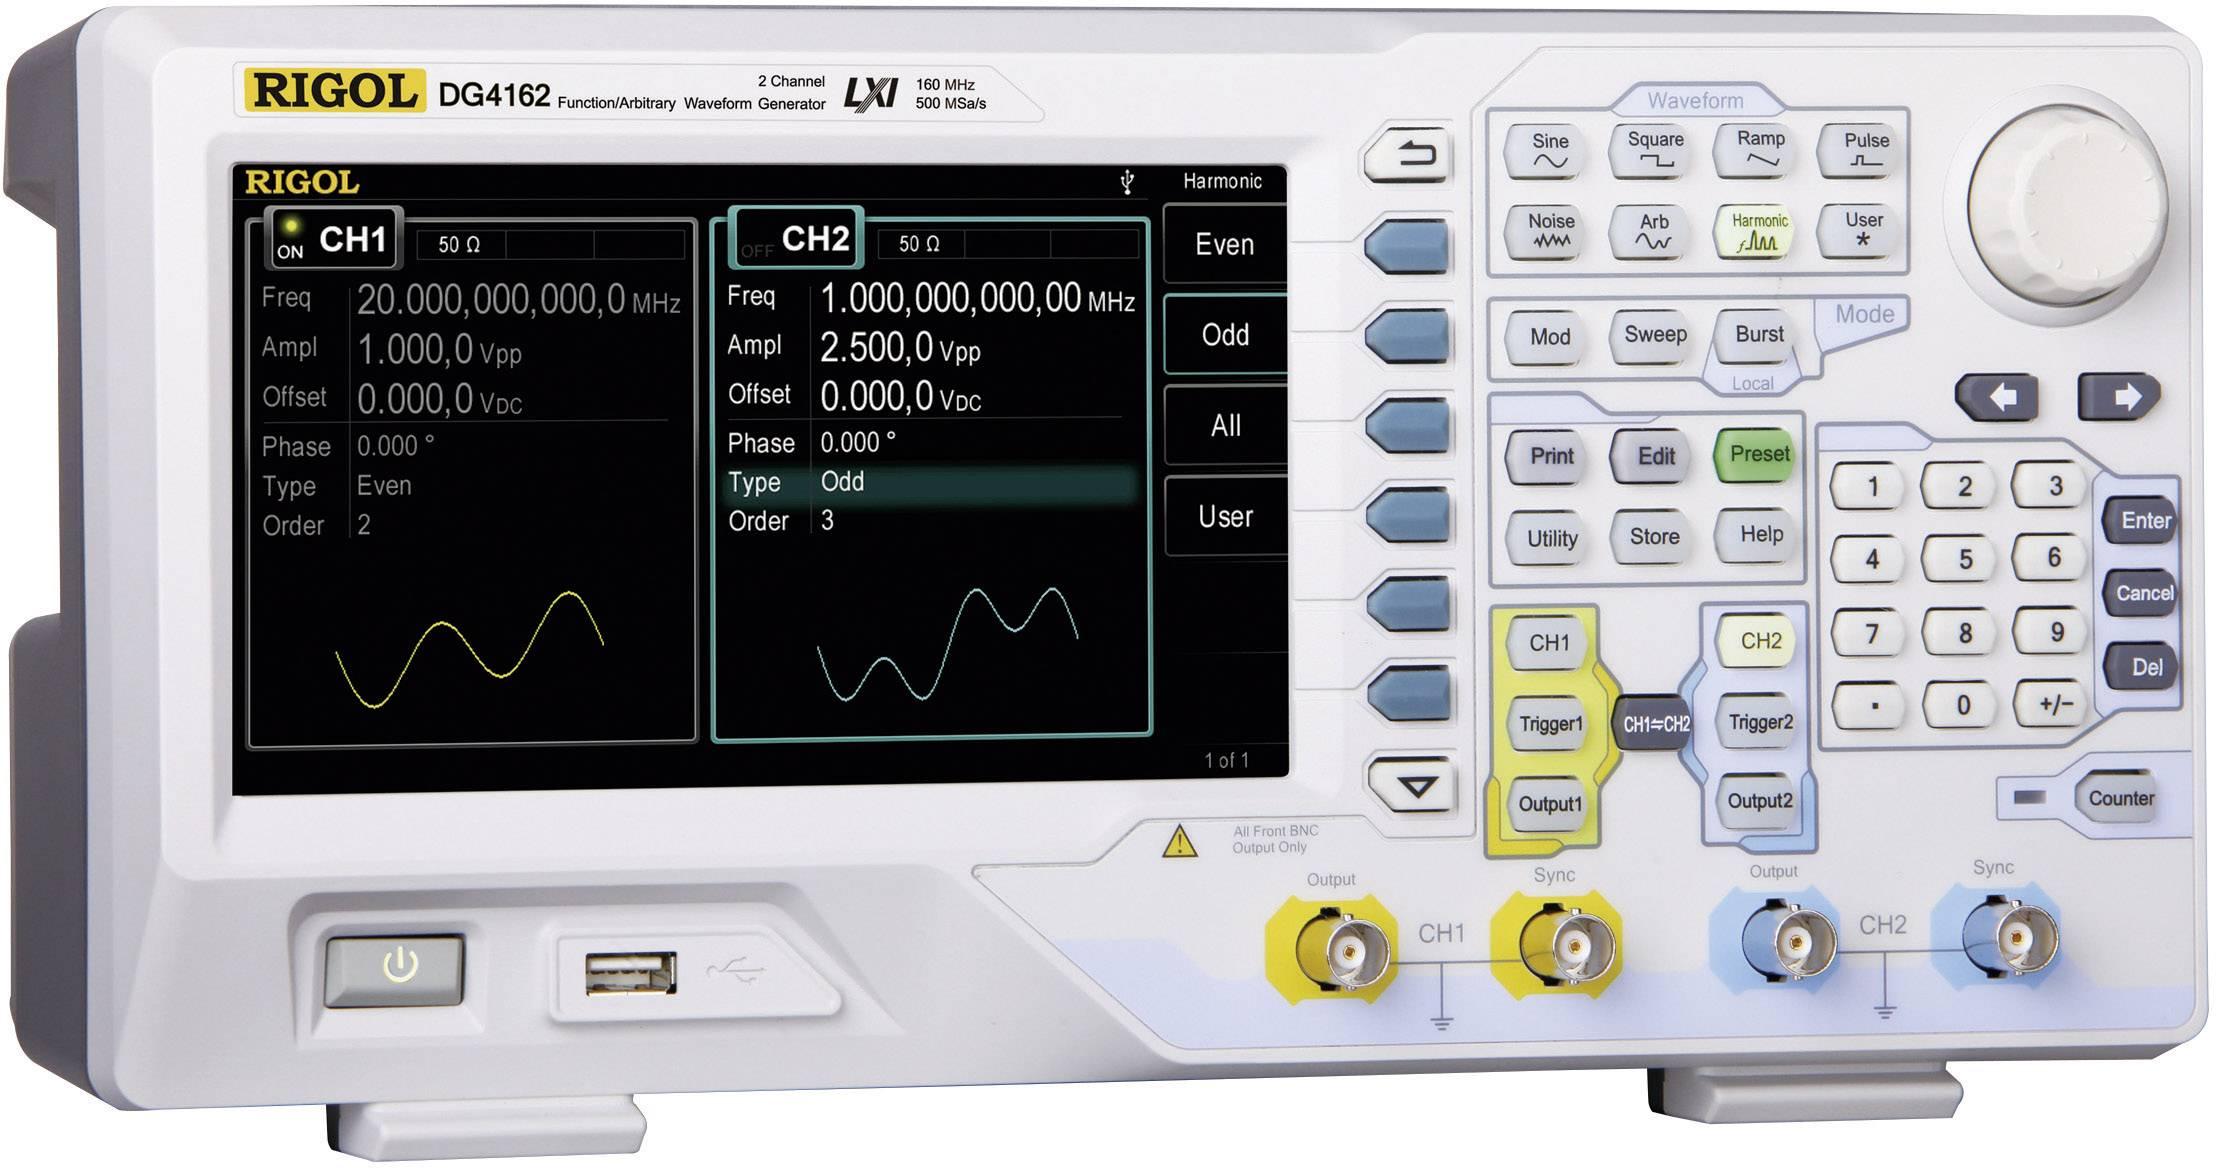 Rigol DG4102 Generatore di funzioni